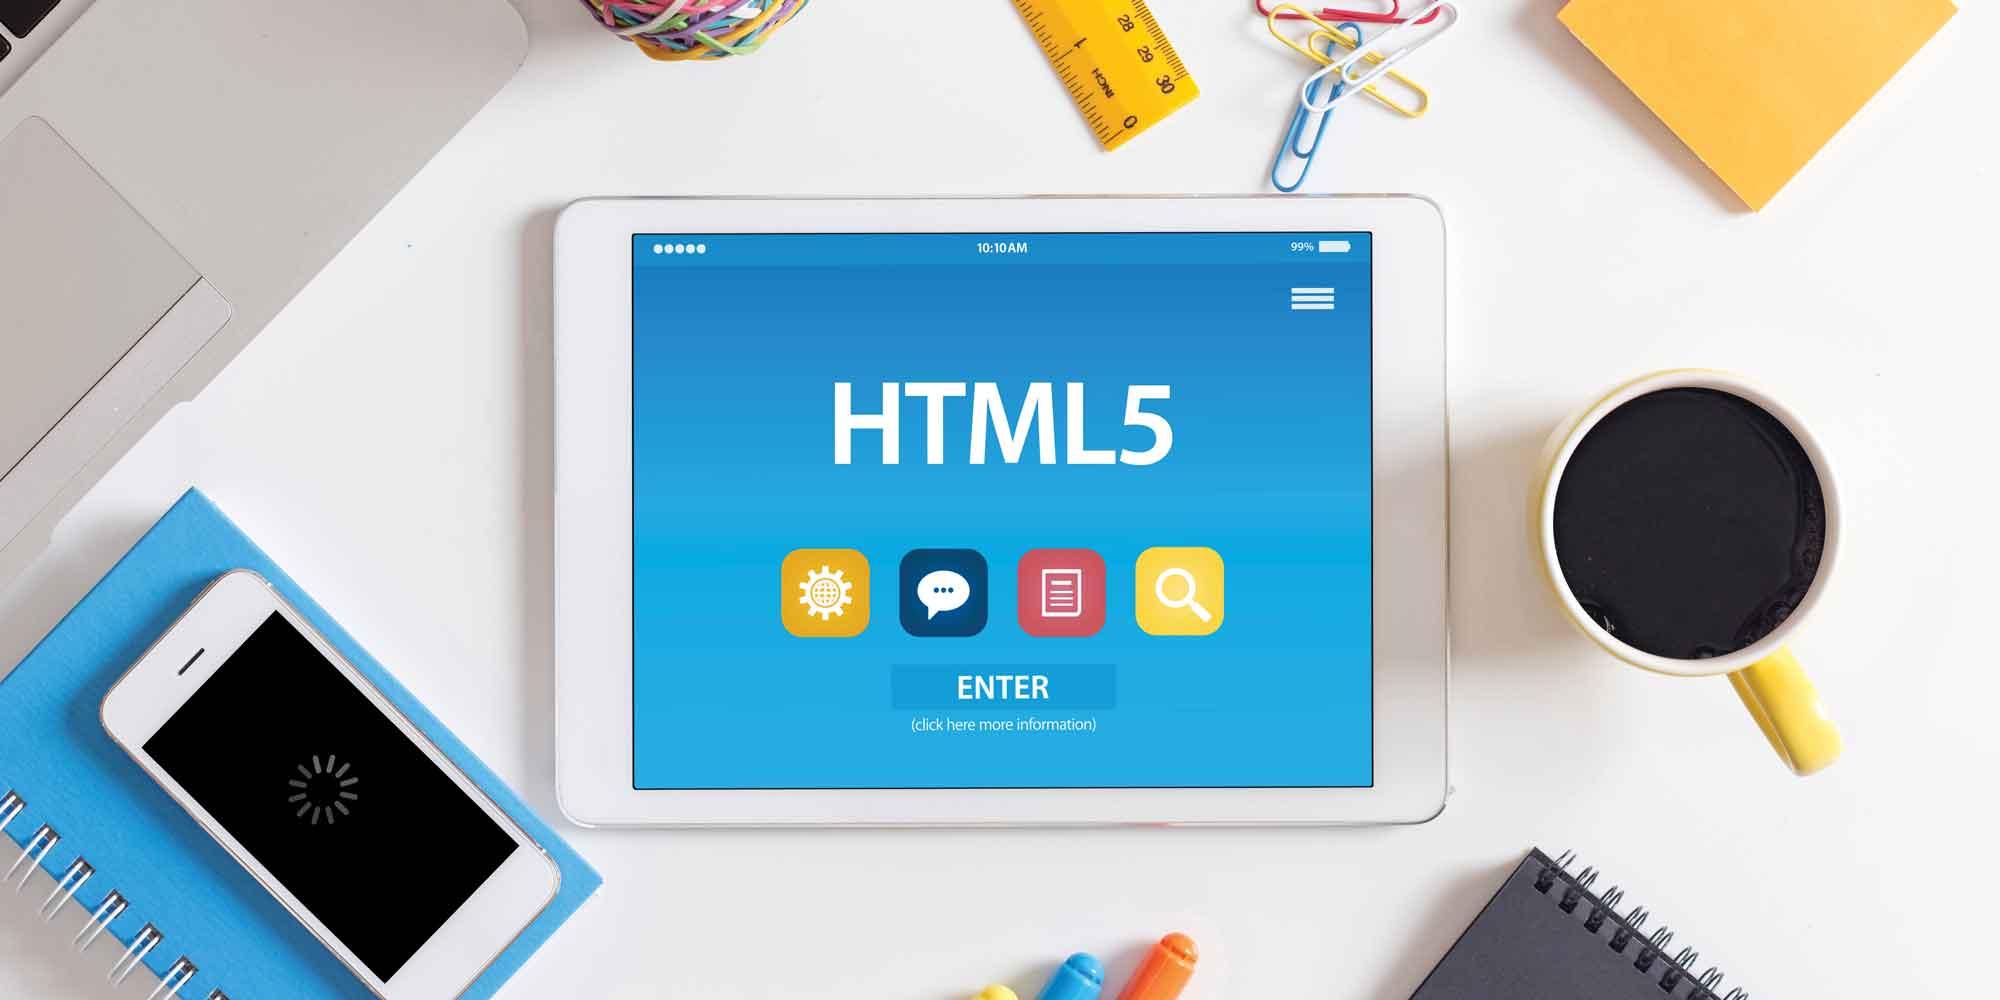 Comment personnaliser les icones HTML?